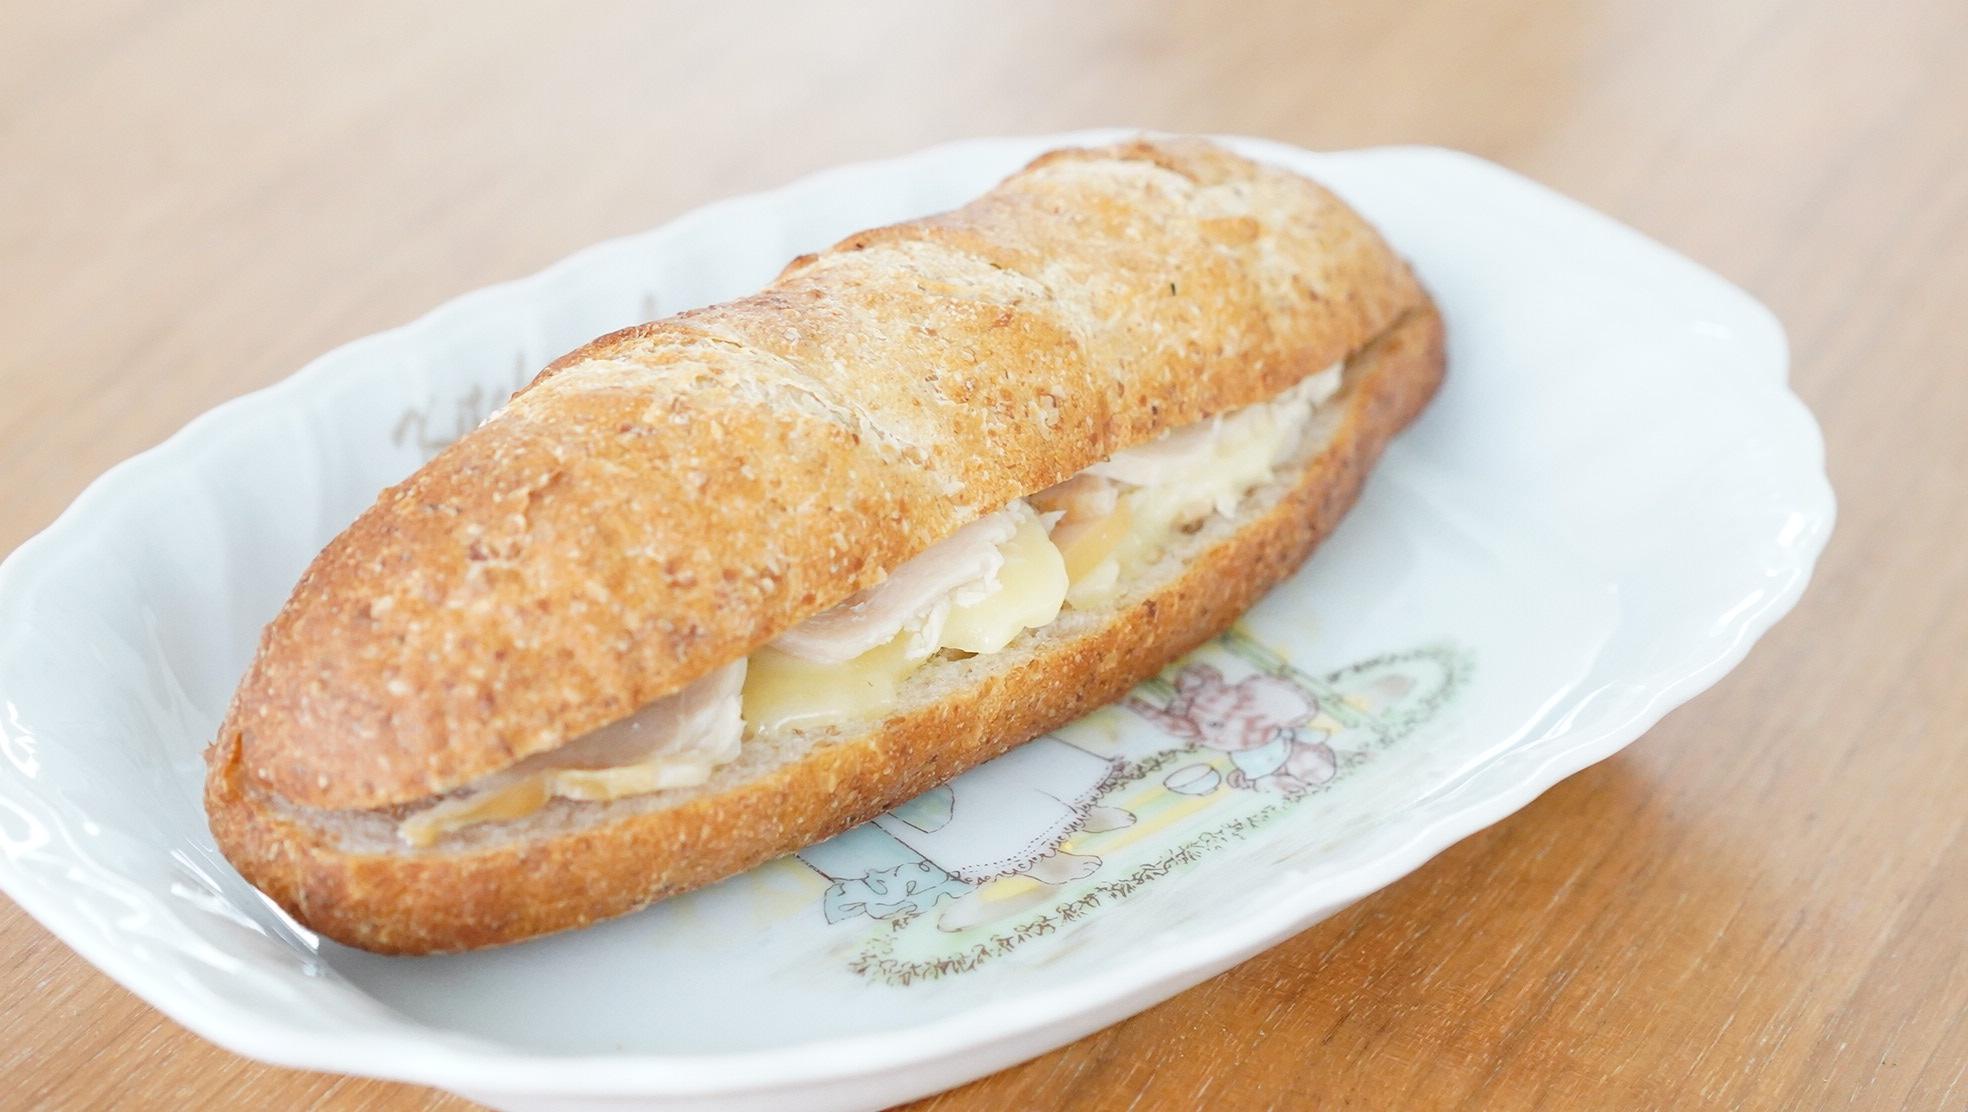 無印良品のおすすめ冷凍食品「ホットサンド・スモーク&チキン」の写真